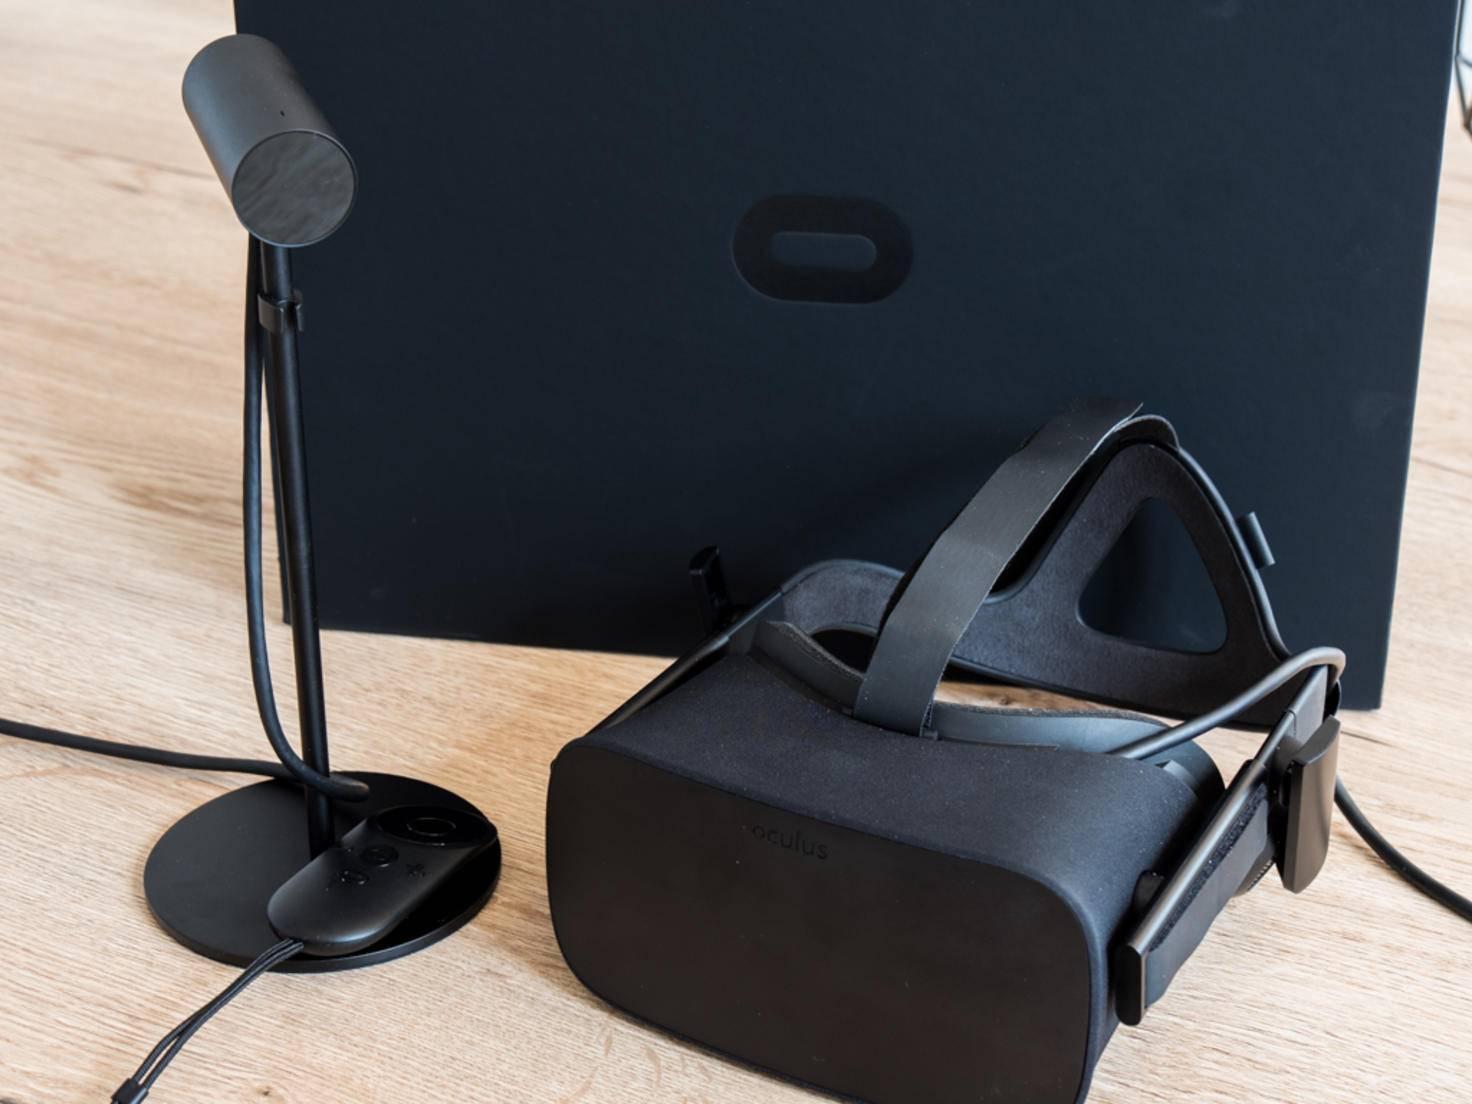 Die Oculus Rift ist hingegen schon da...